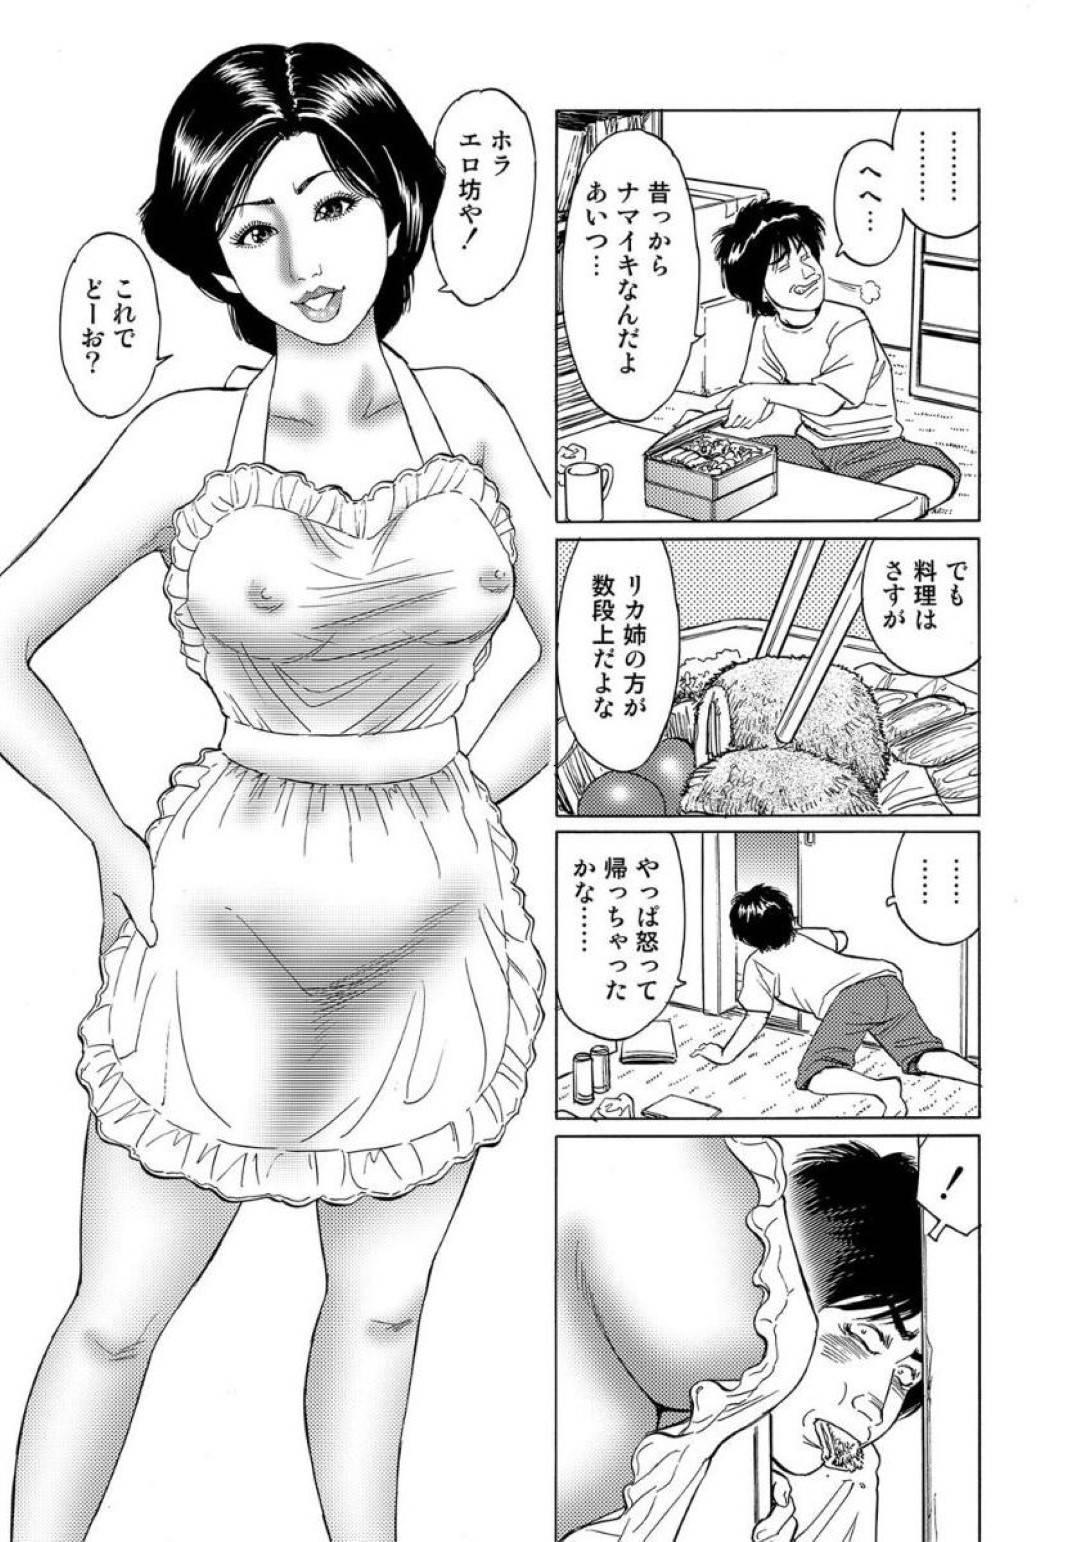 裸エプロンでからかったら襲われちゃう義姉の人妻…乳首責めされたりクンニされちゃって浮気セックスでイチャイチャしちゃう!【蜜麻呂:人妻里佳のお世話しちゃう】